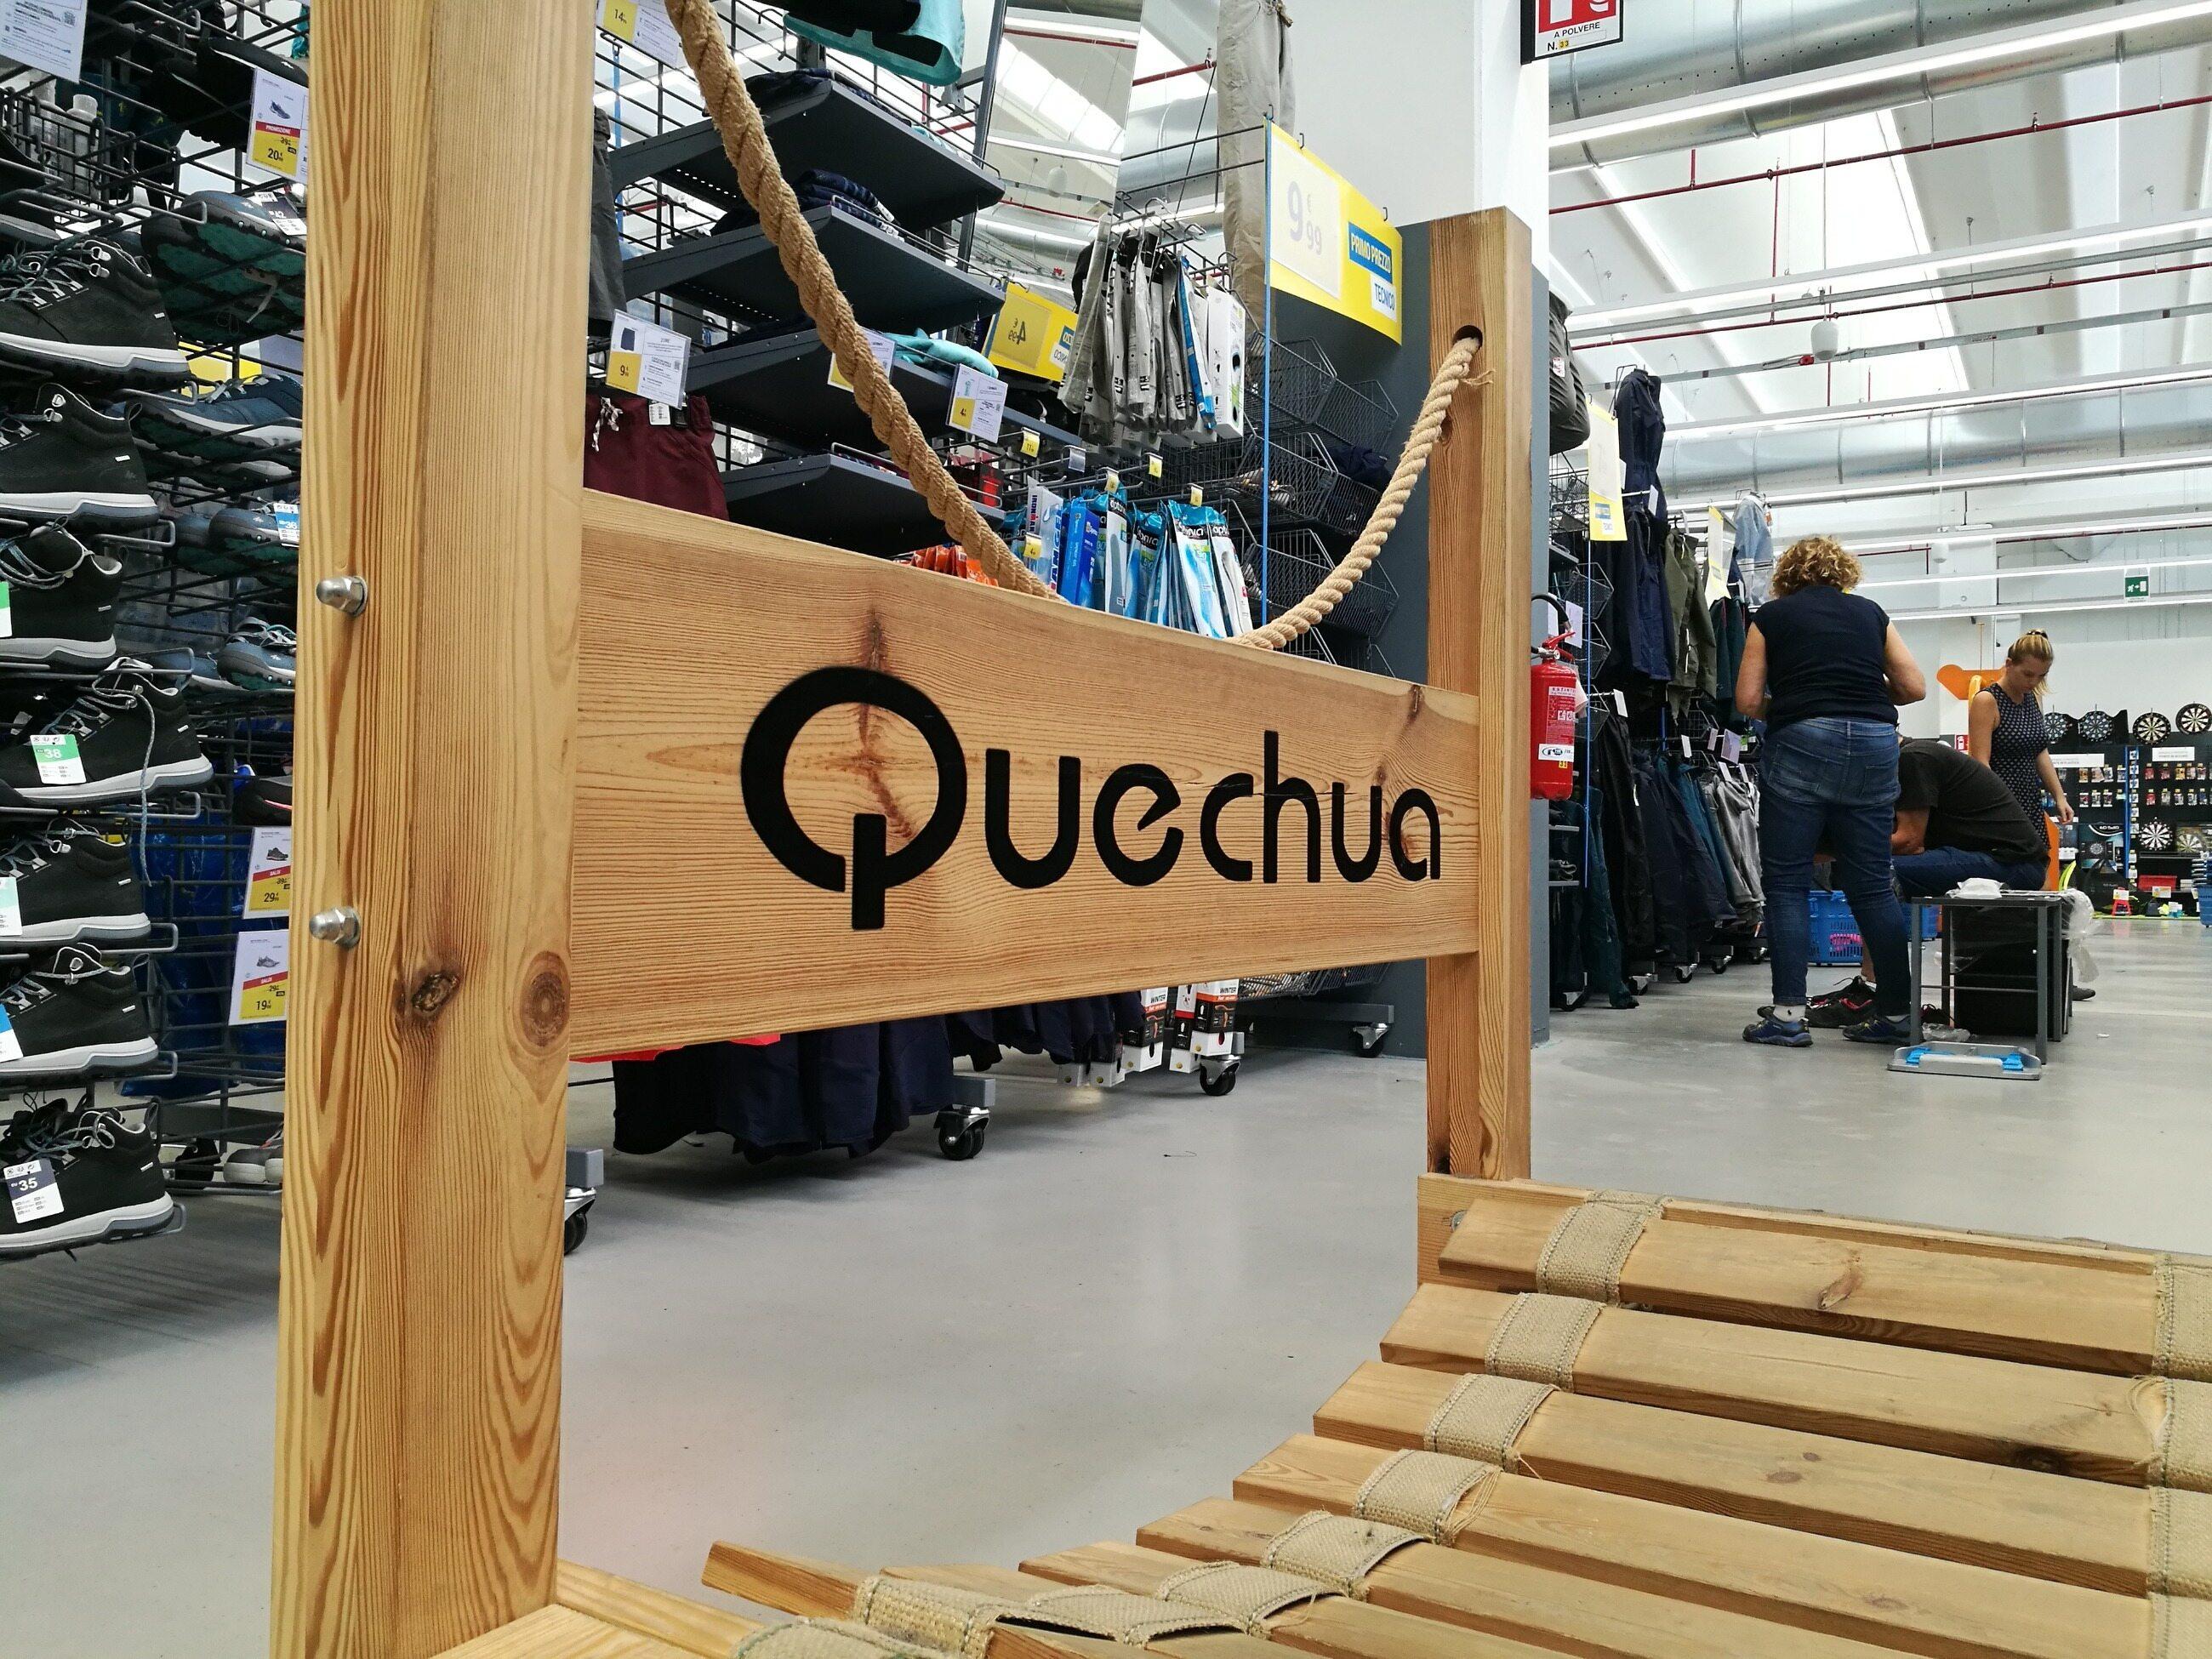 Wybierasz się w góry? Szukasz specjalnych butów albo namiotu? Na pewno natrafisz na markę Quechua, czyli: